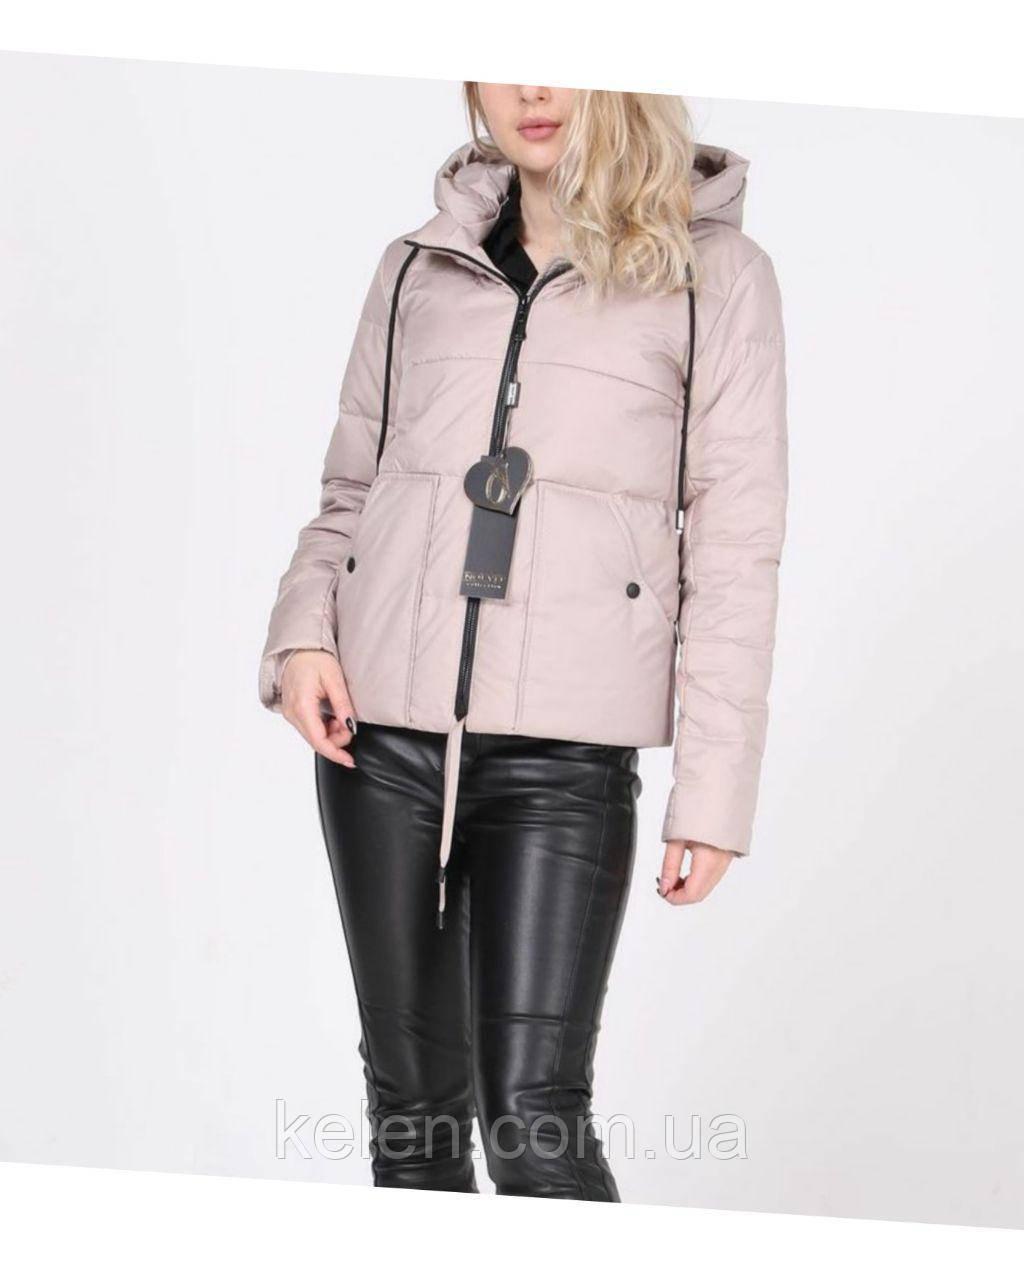 Куртка молодежная ,бежевого цвета размеры с 42 по 52